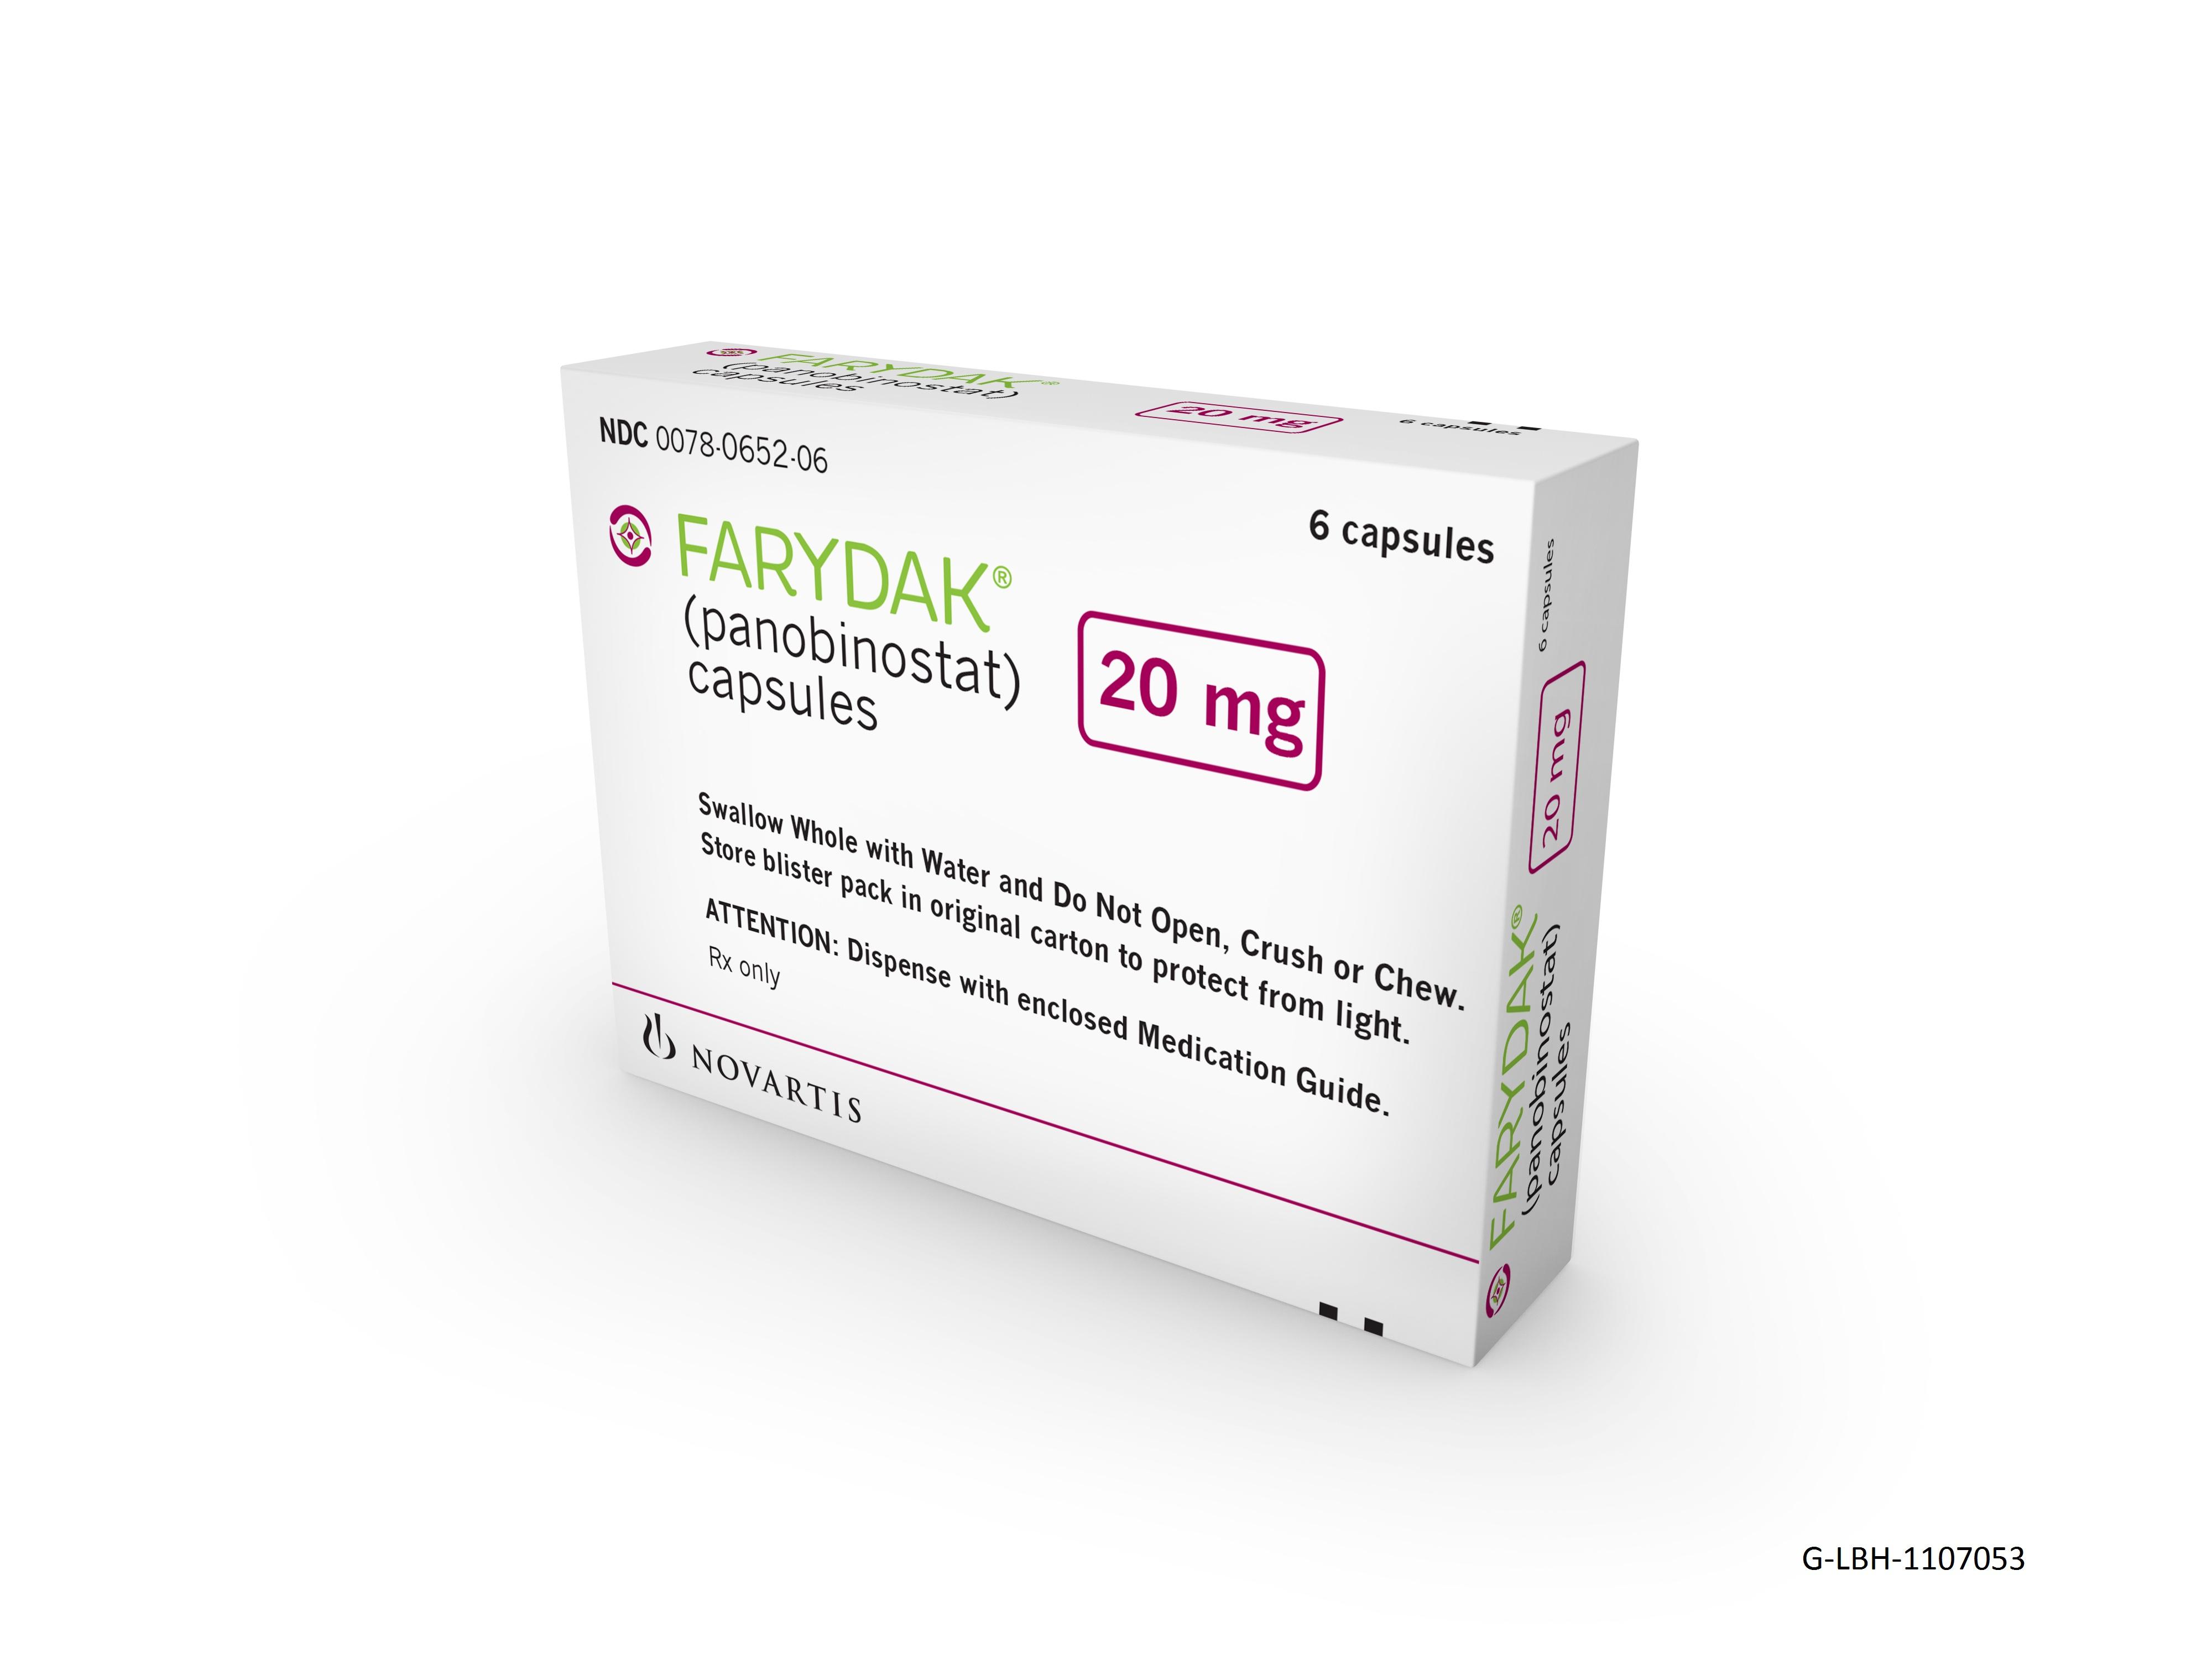 Estados Unidos aprueba medicamento contra el cáncer de médula ósea (Novartis)